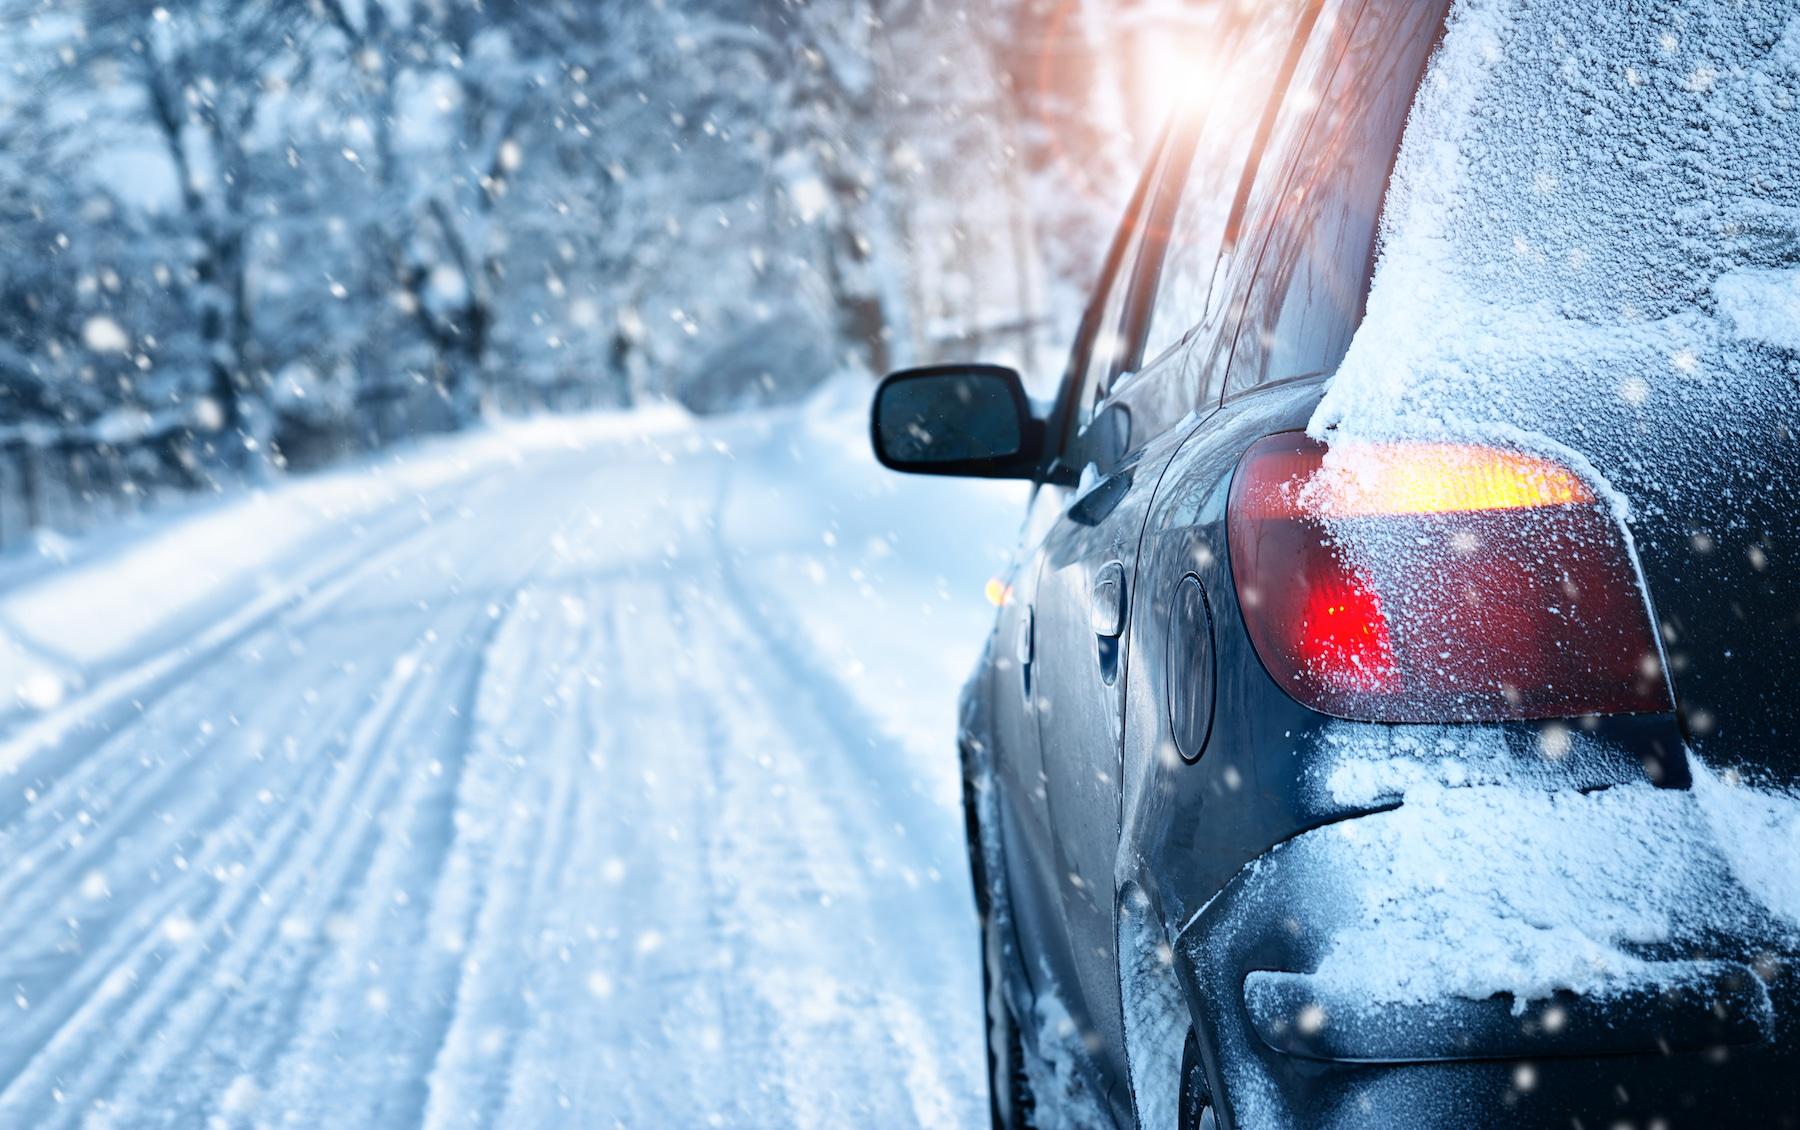 Voiture roulant sur une route enneigée